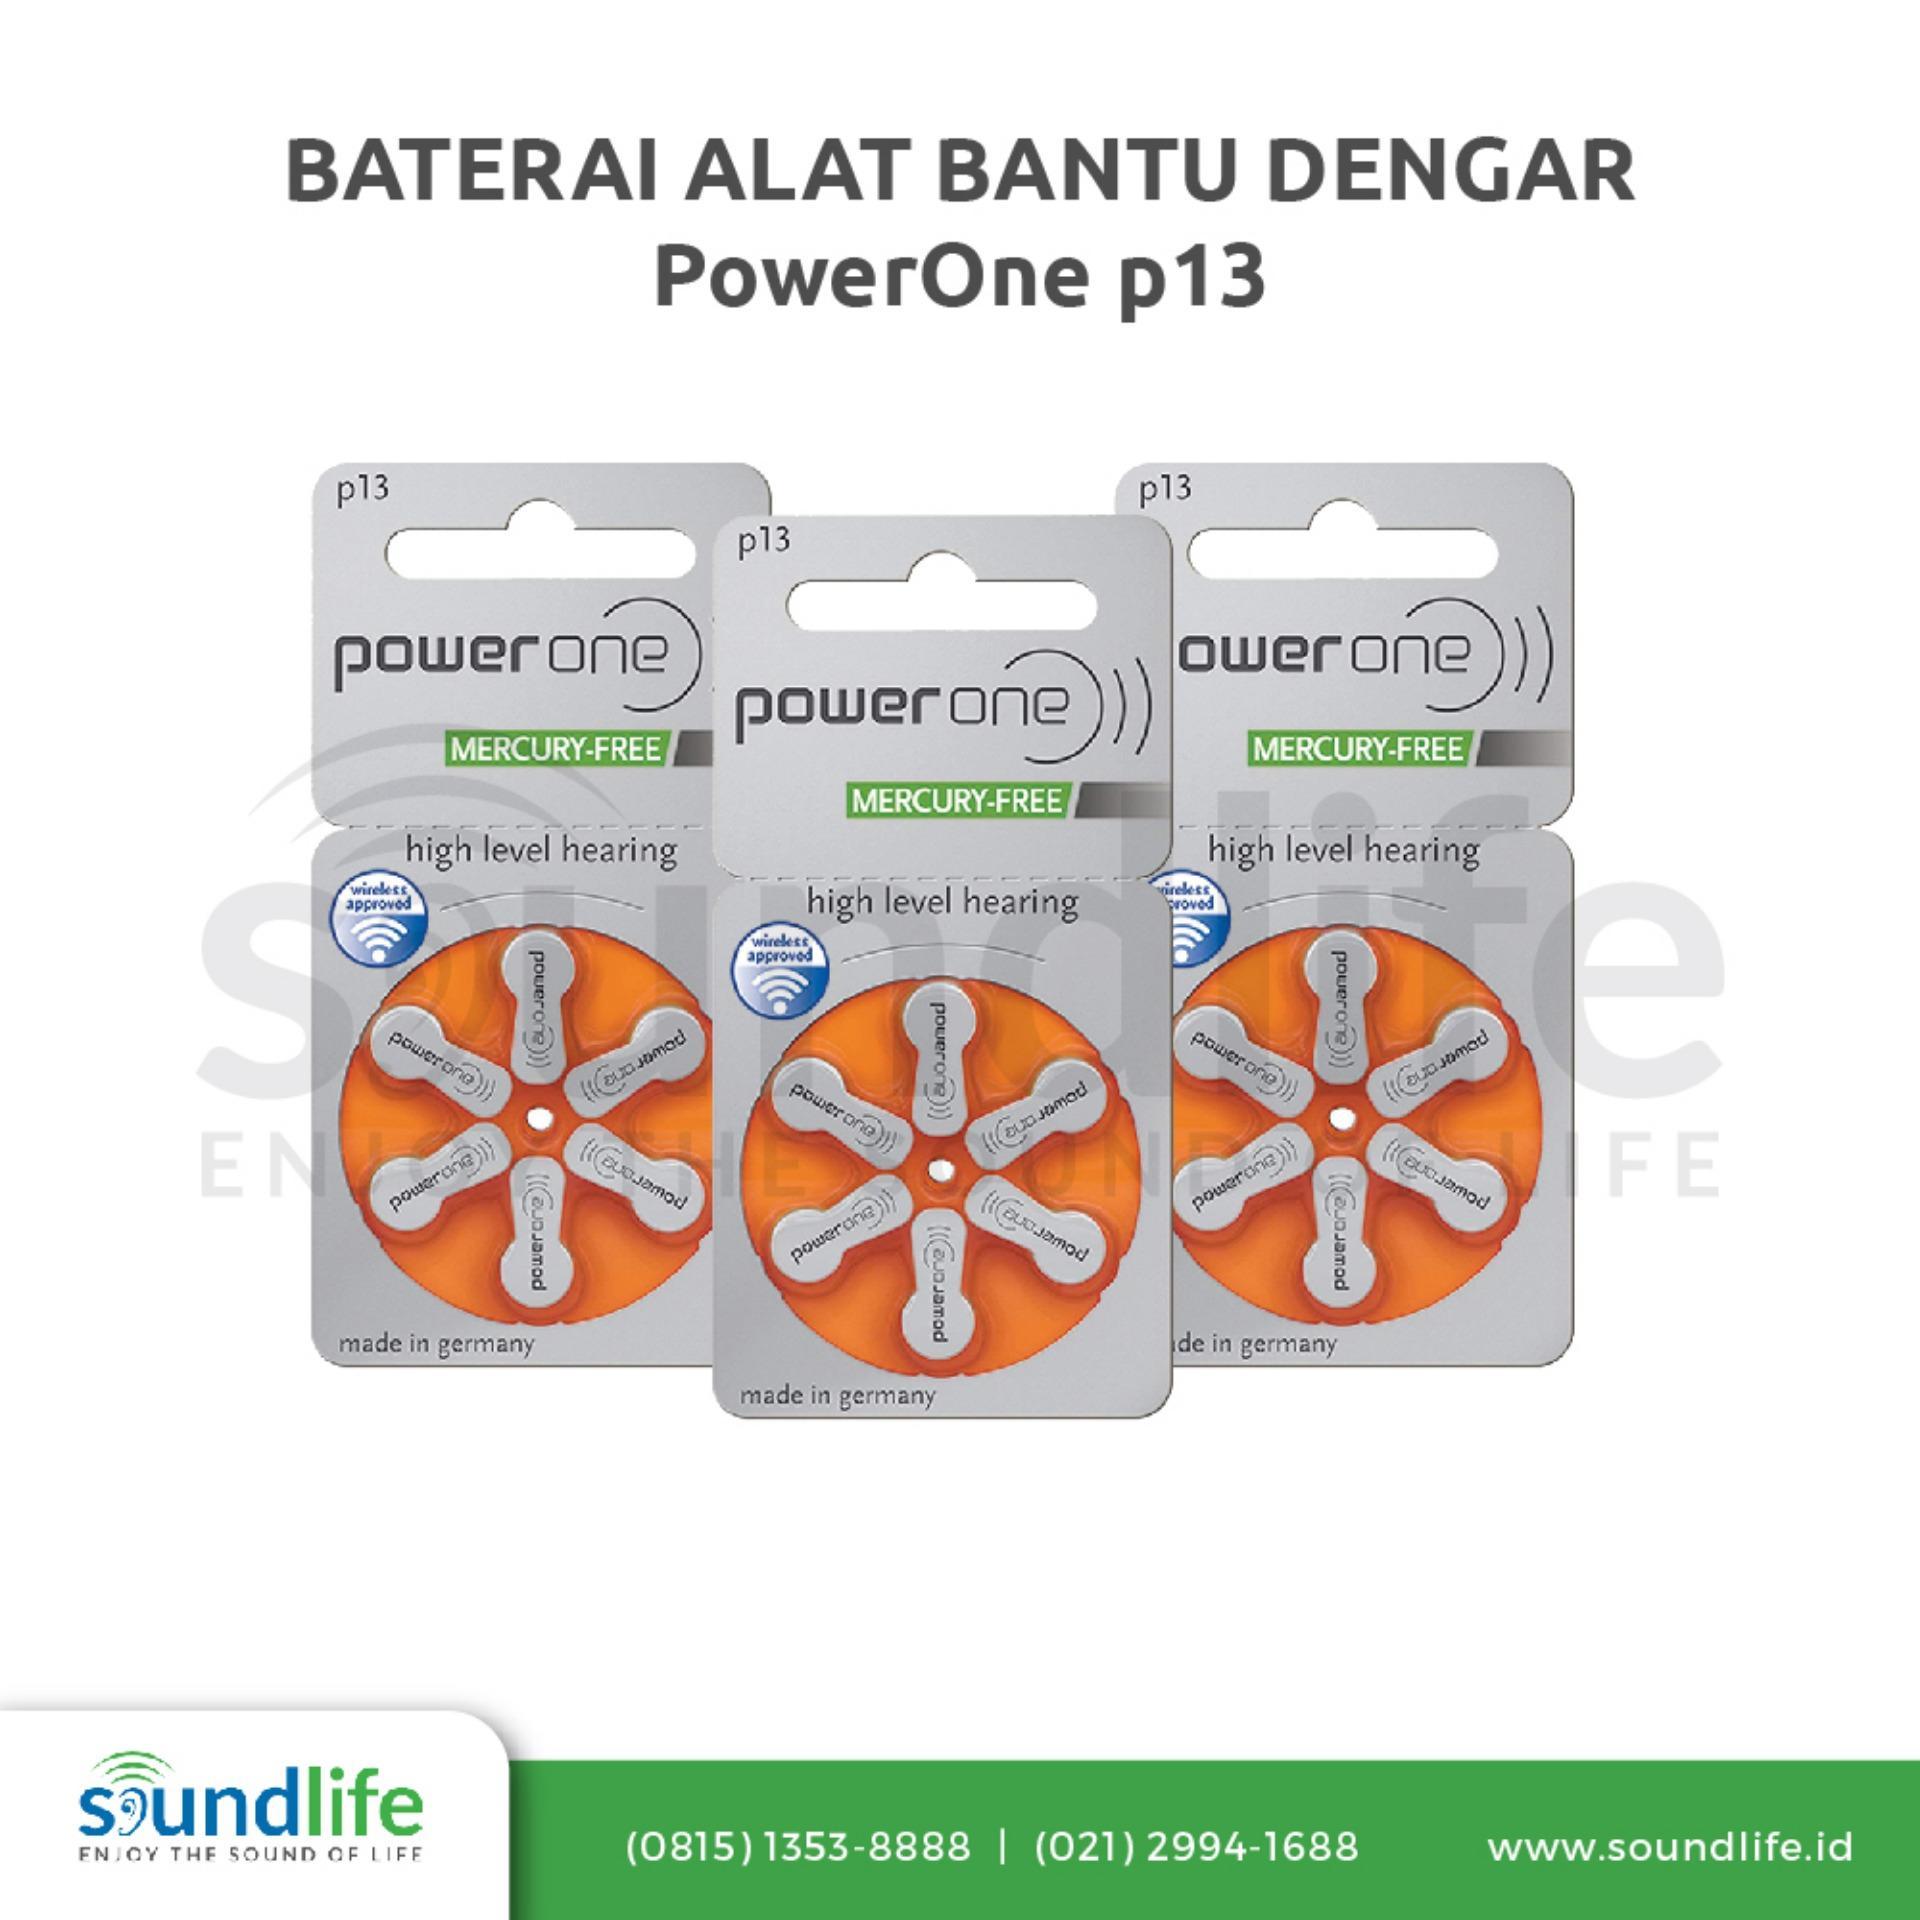 Baterai Alat Bantu Dengar PowerOne P13 Mercury-Free Hearing Aid Battery